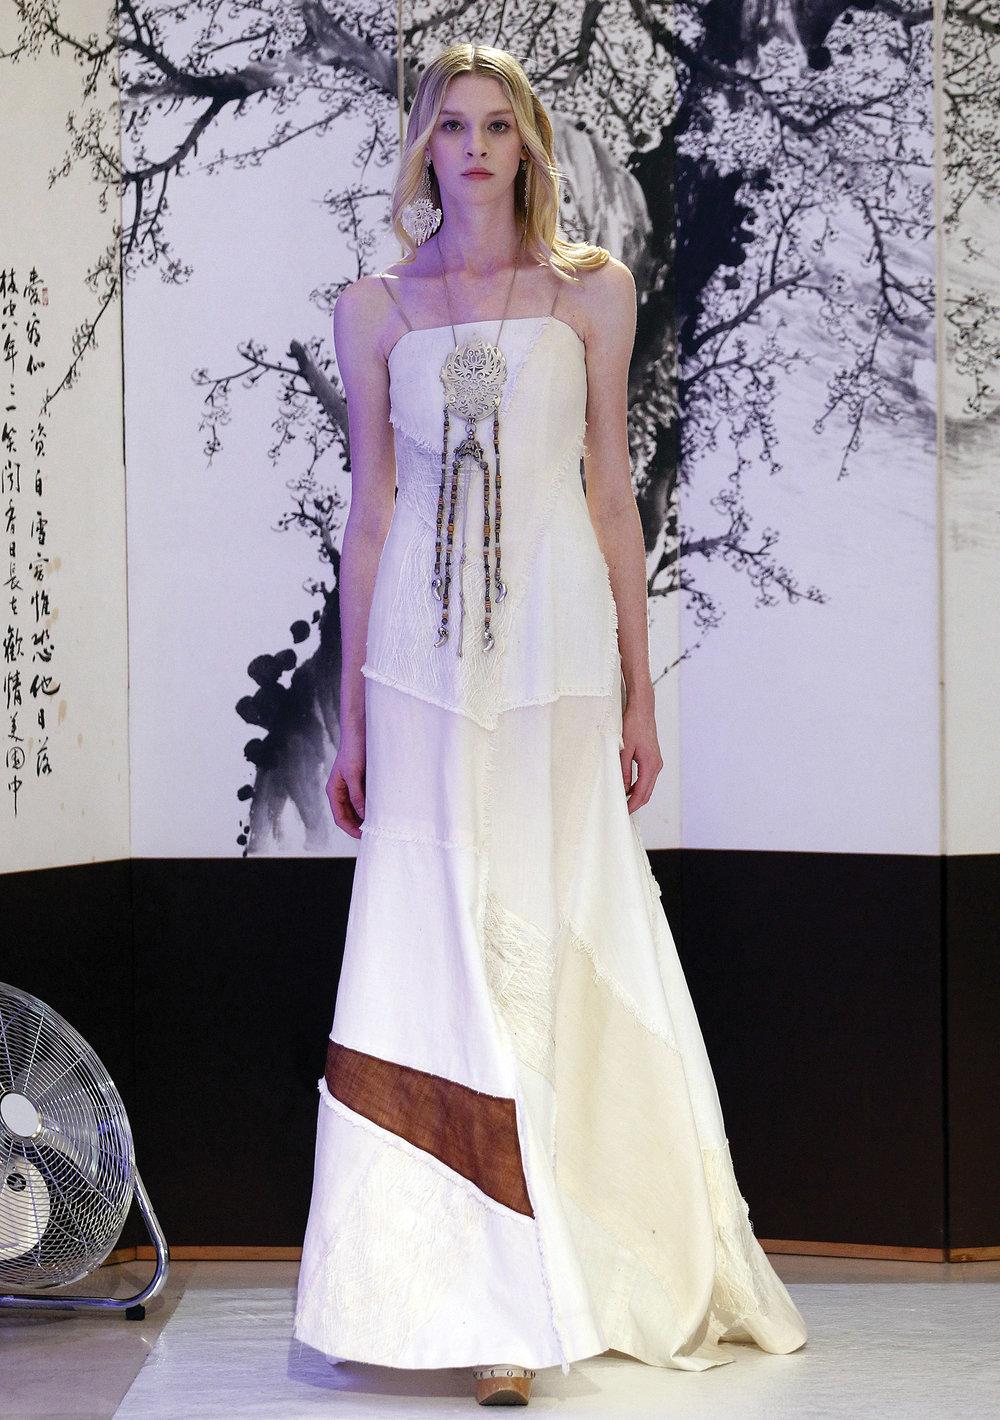 保留韓服傳統元素,又融入改良的現代元素,李英熙2016-2017秋冬高級定製時裝秀再次令人驚艷。